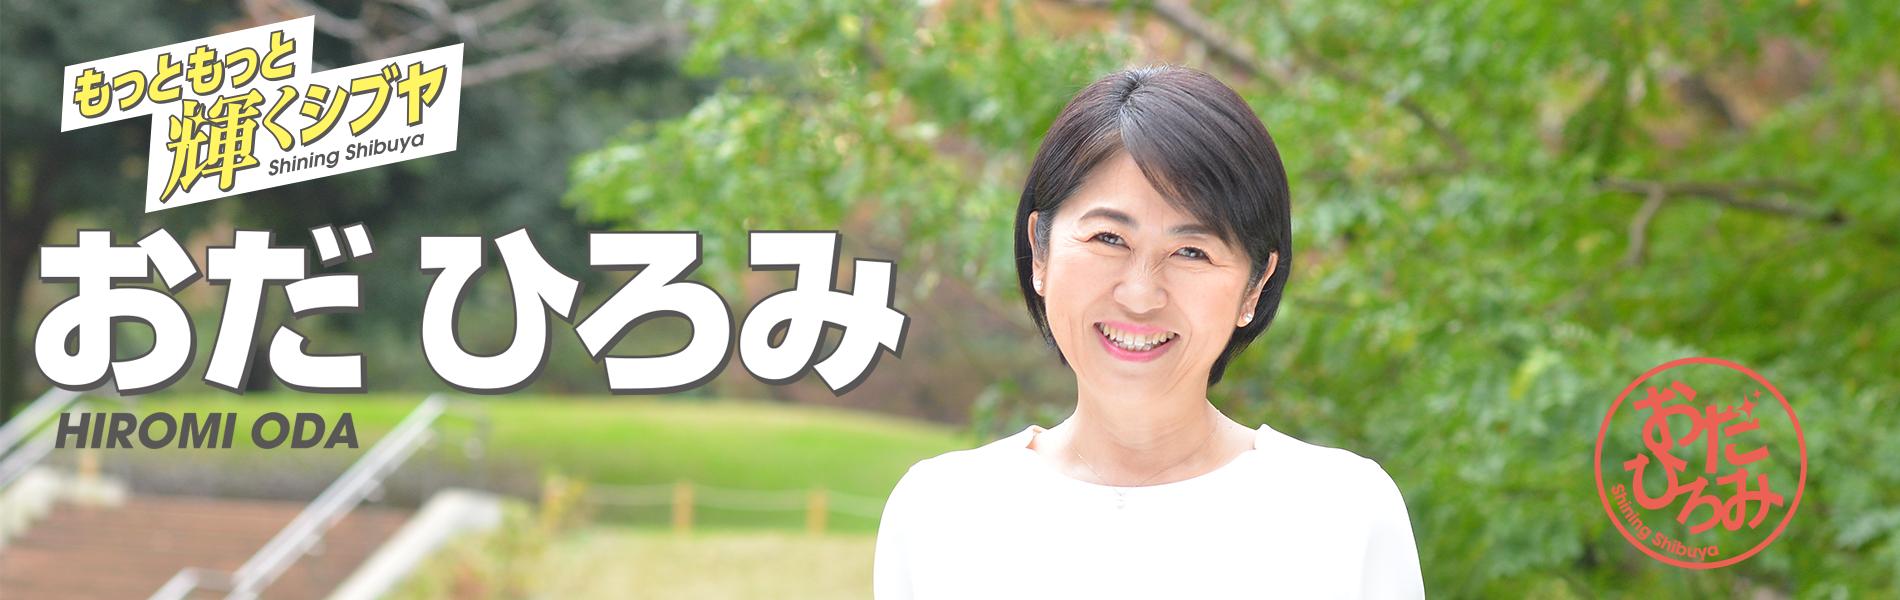 おだひろみ(小田ひろみ)